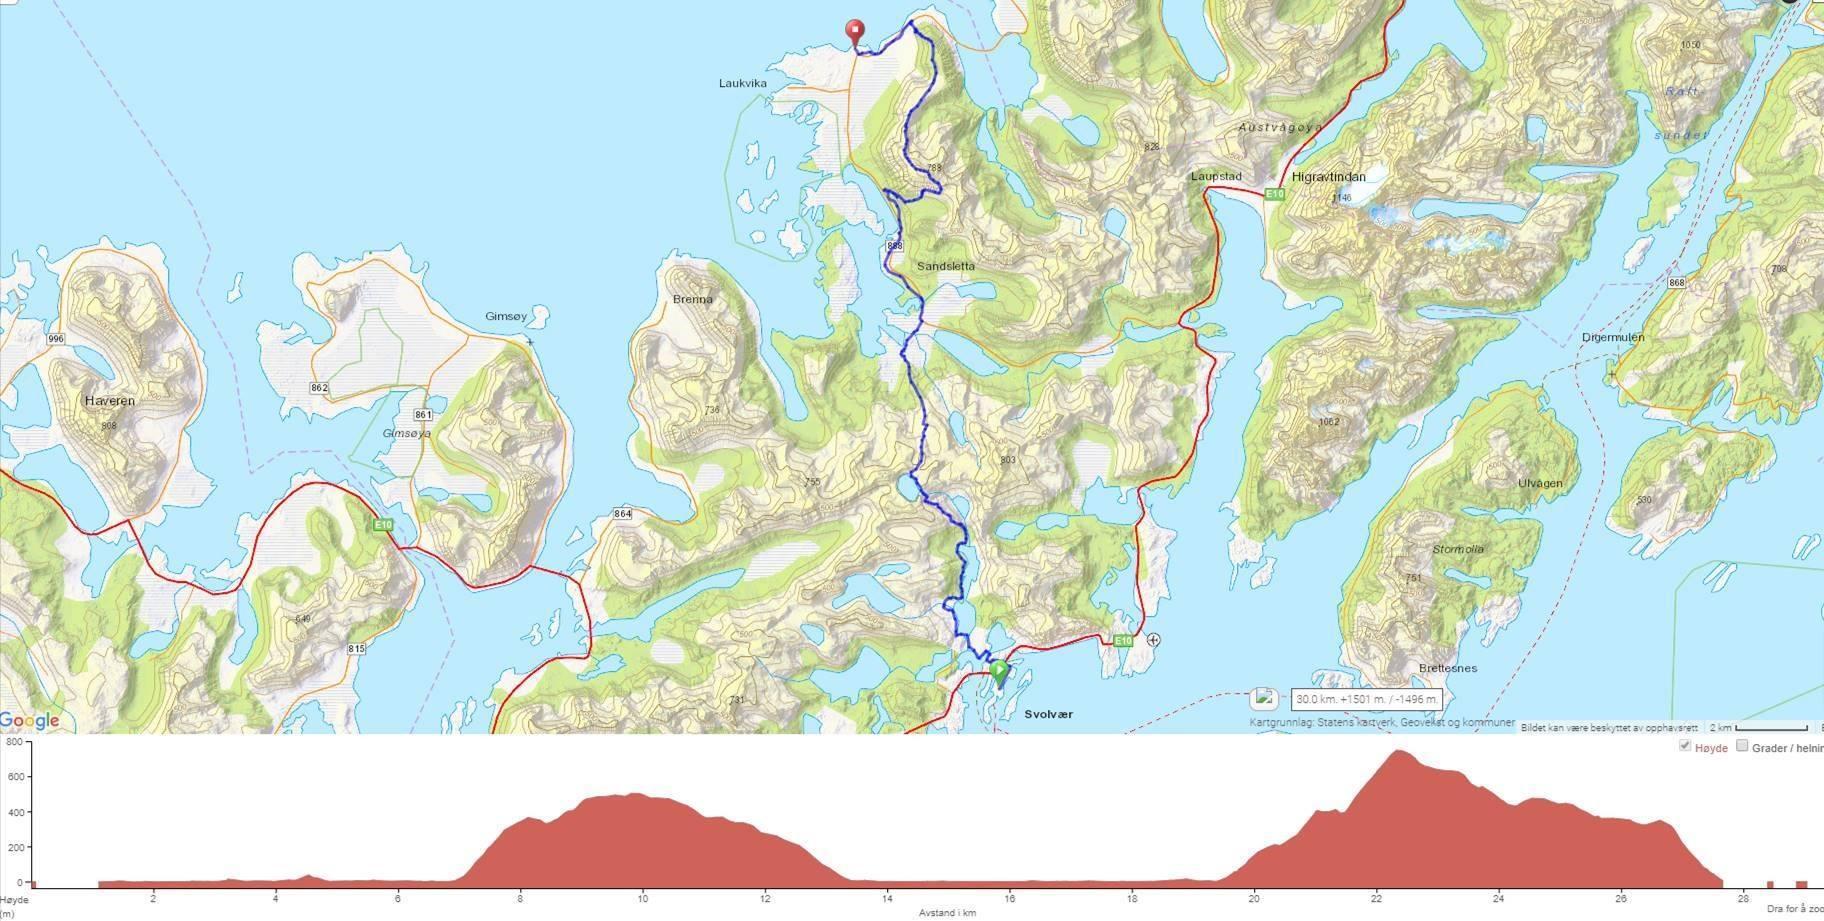 Kart_30km.jpg